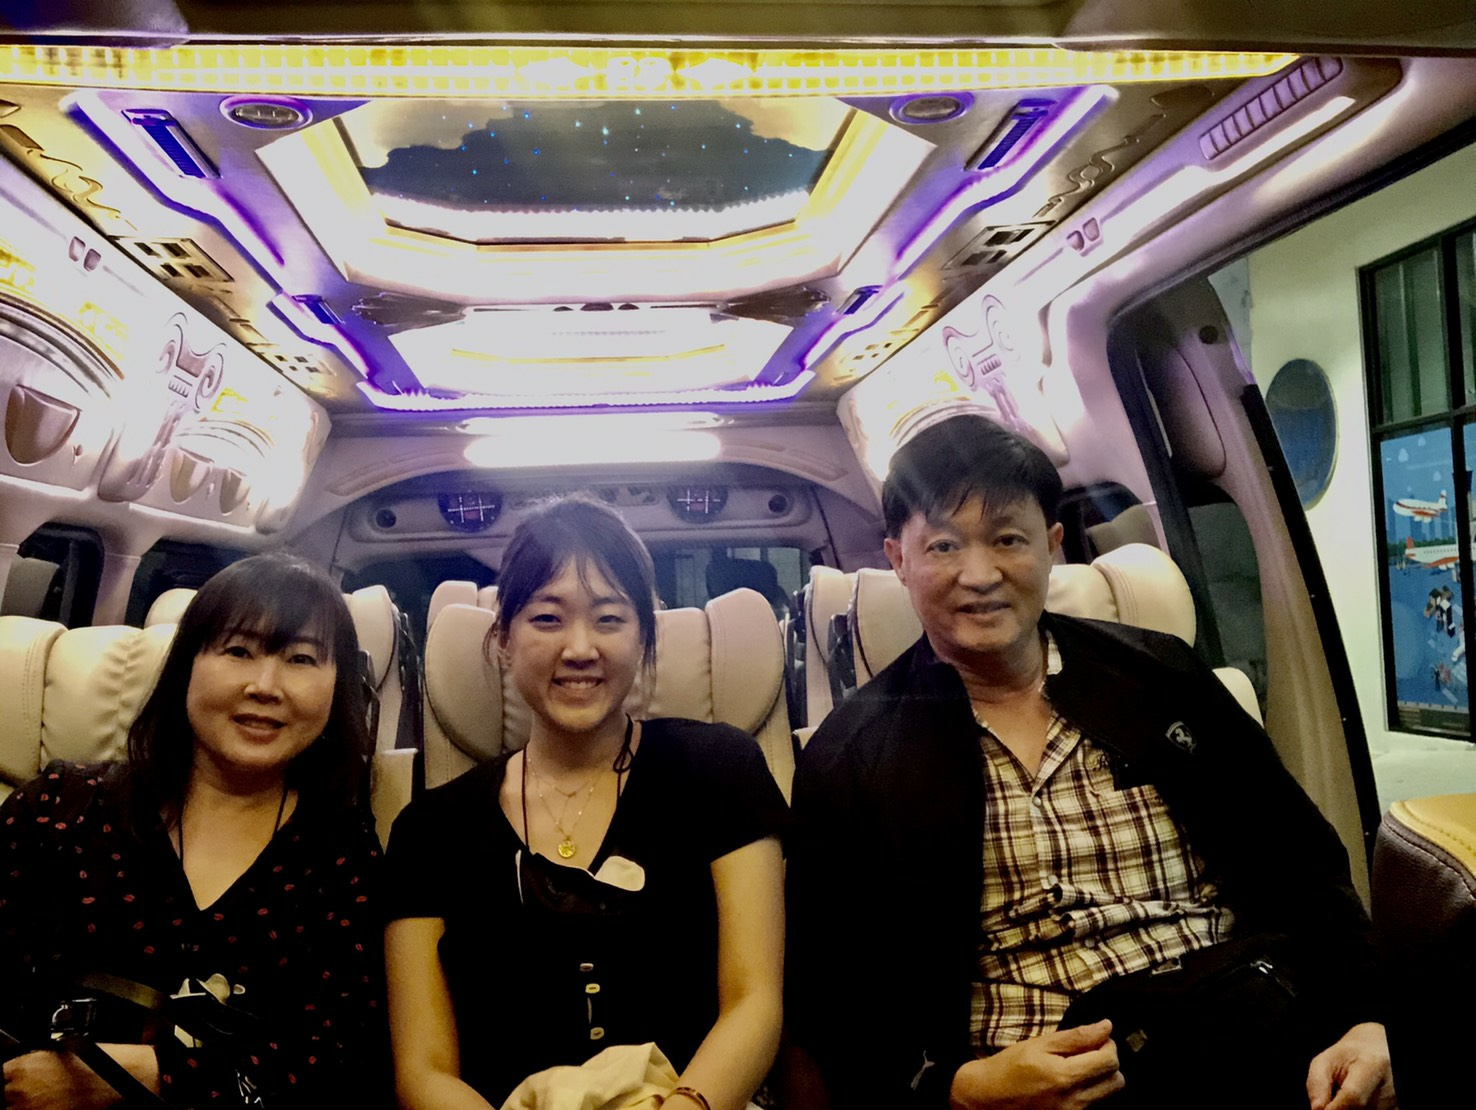 แท็กซี่ และ รถรับส่งสนามบิน